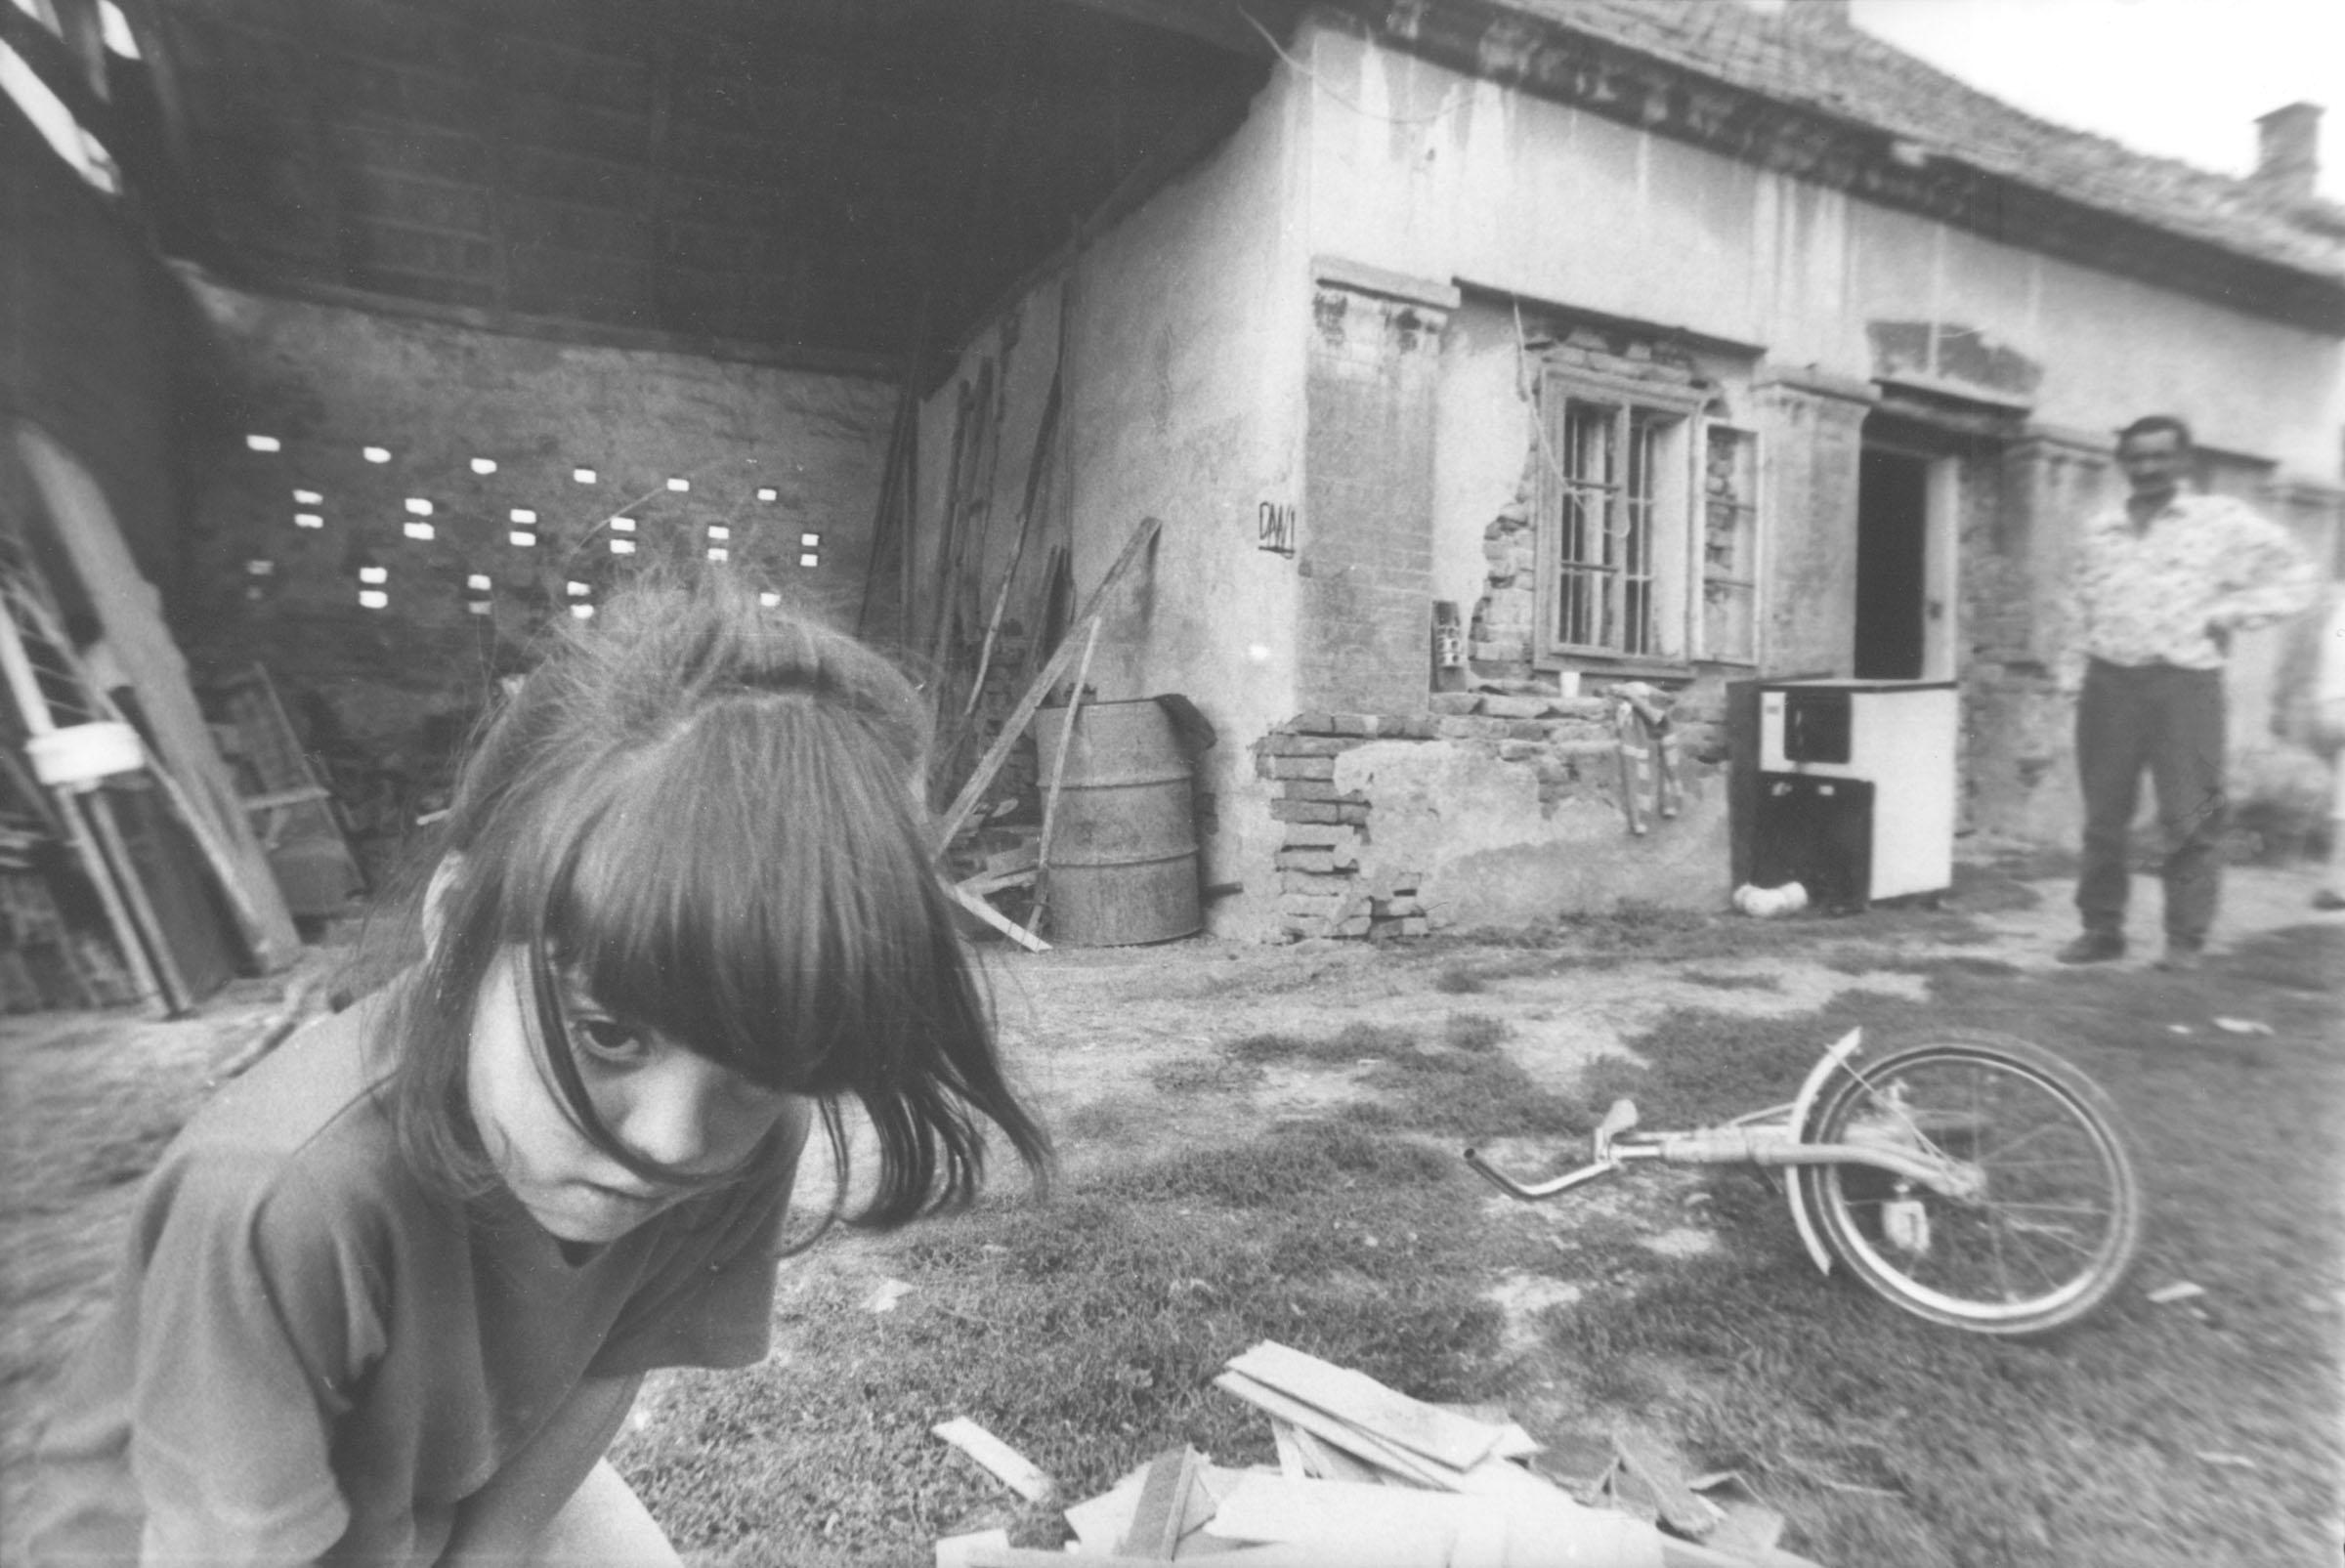 2004.09.18. Hétköznapok fotópályázat - Wéber Krisztina - Orsóséknál.jpg